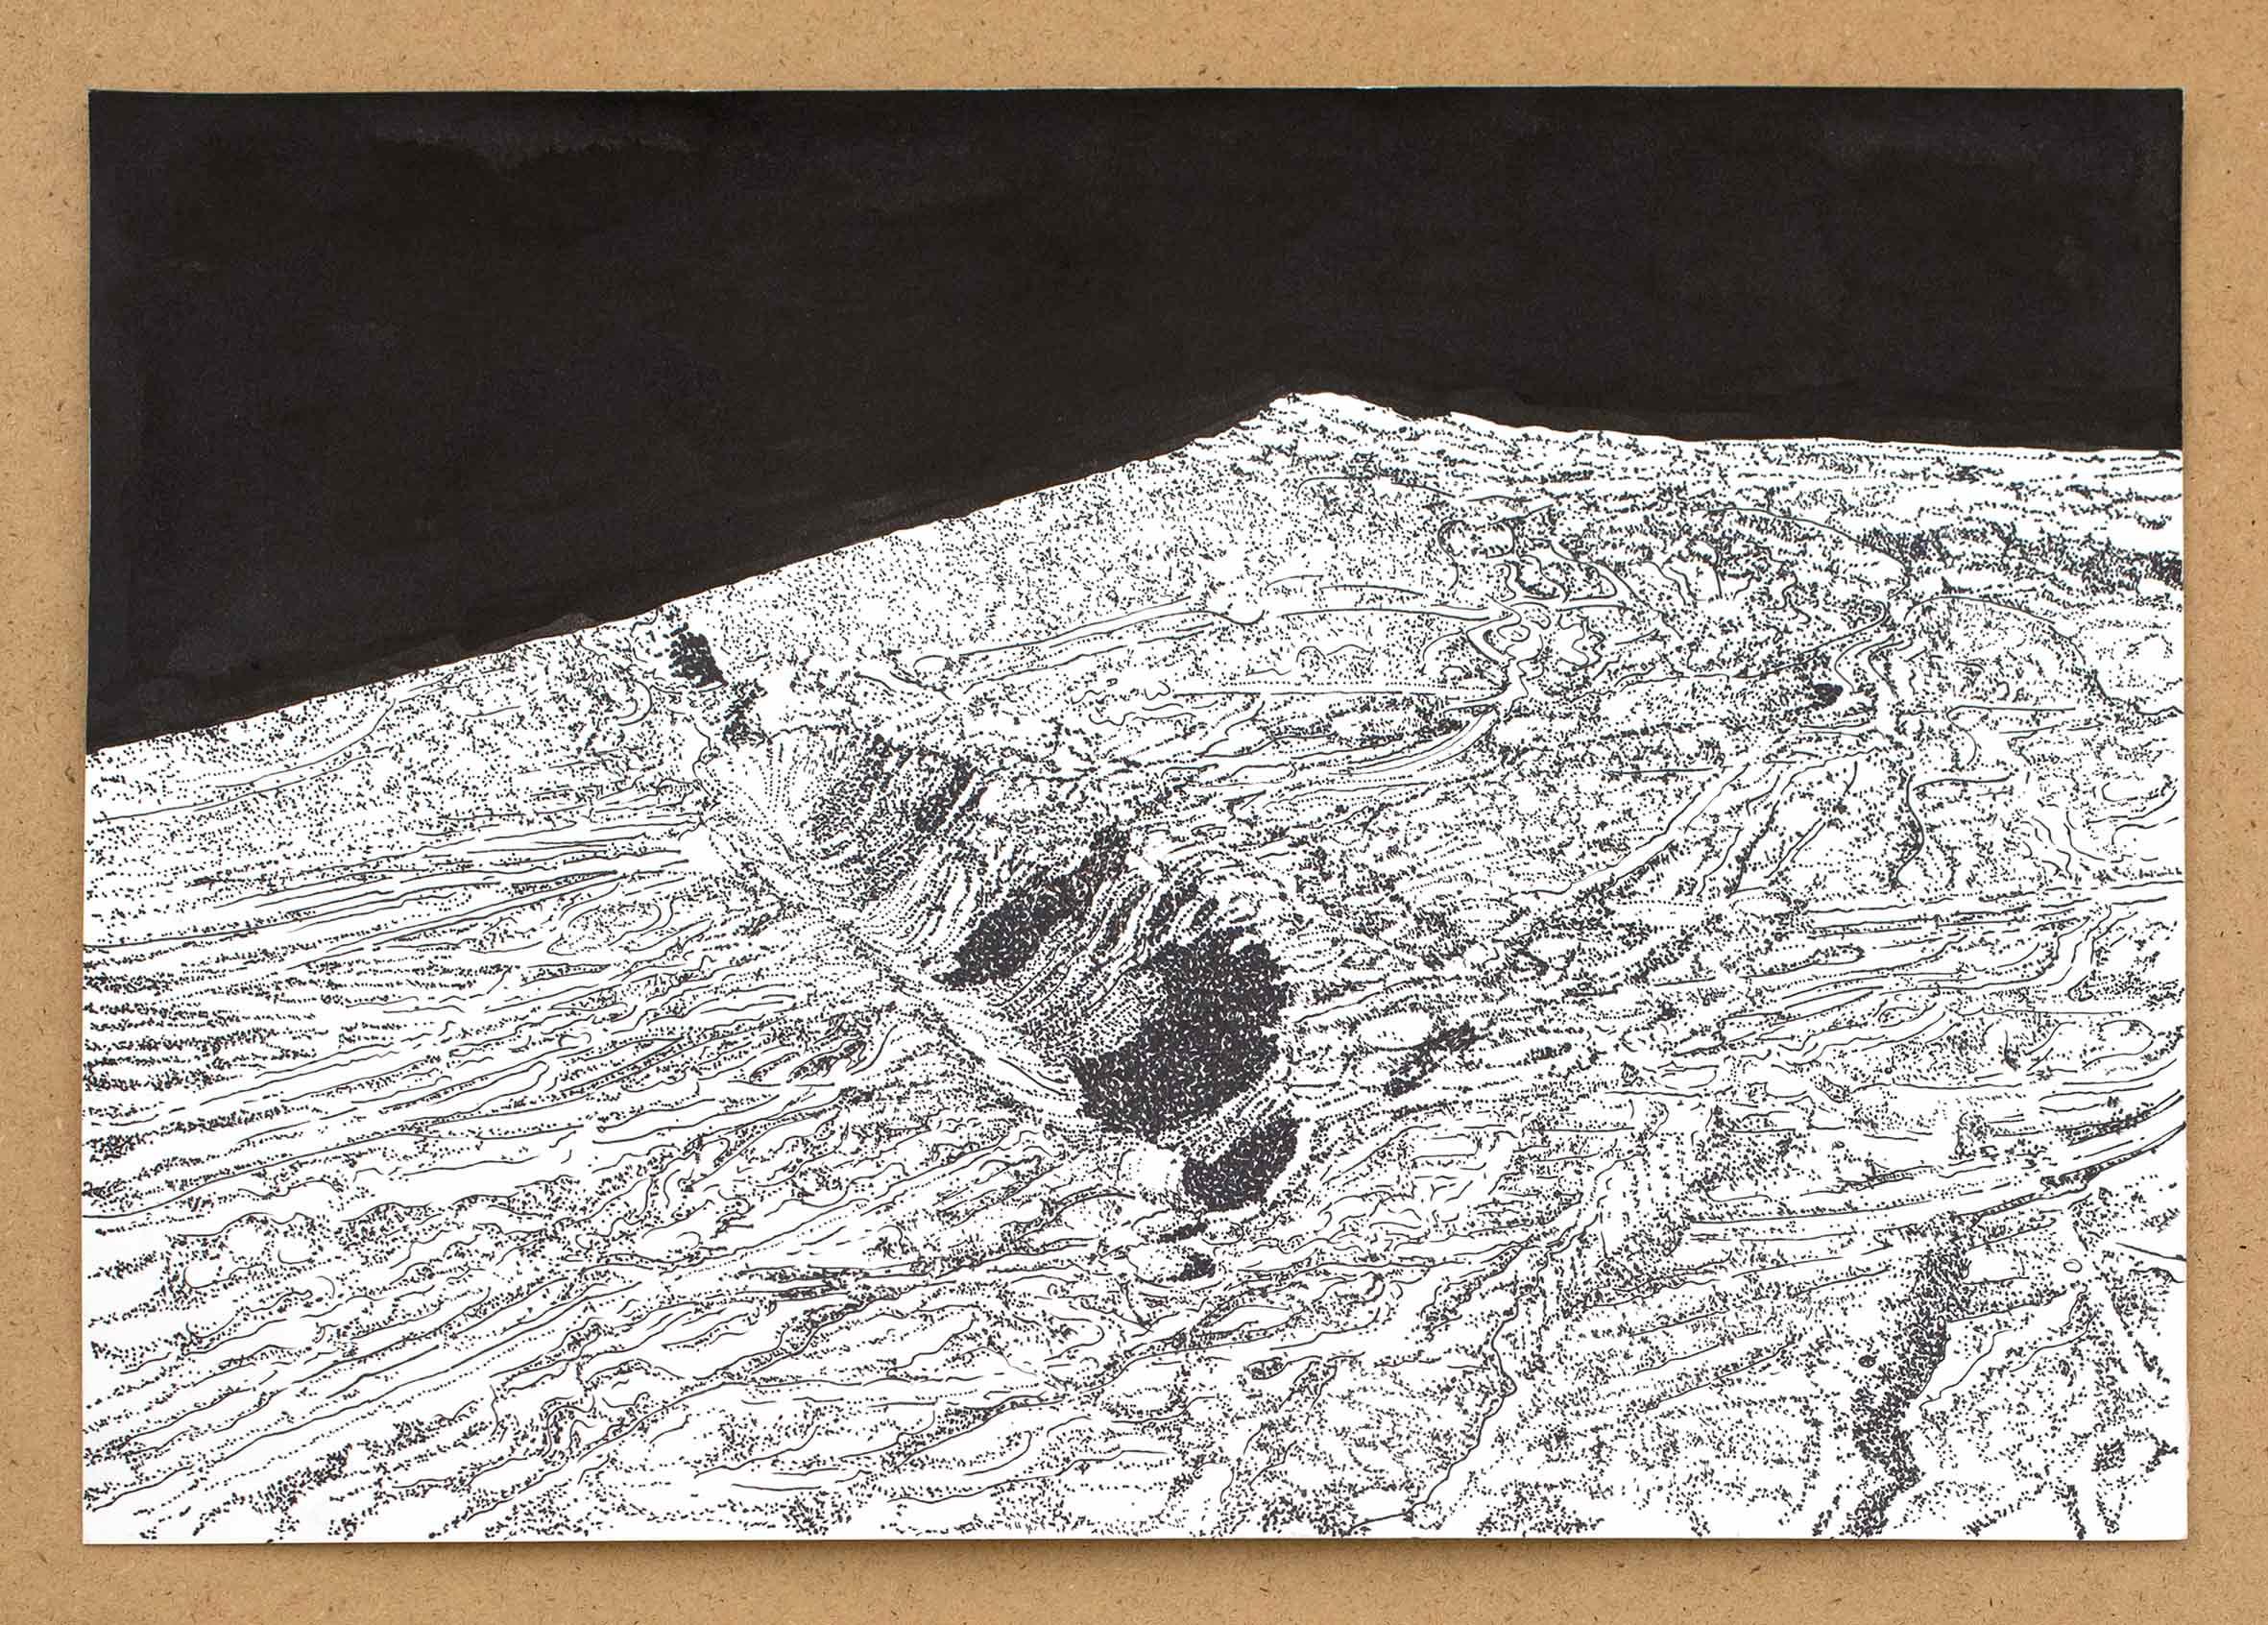 """Detailansicht """"in a dream of suns and moons"""", Tusche auf Papier, 21 x 30 cm (Foto: Krinzinger Projekte / Jasha Greenberg)"""